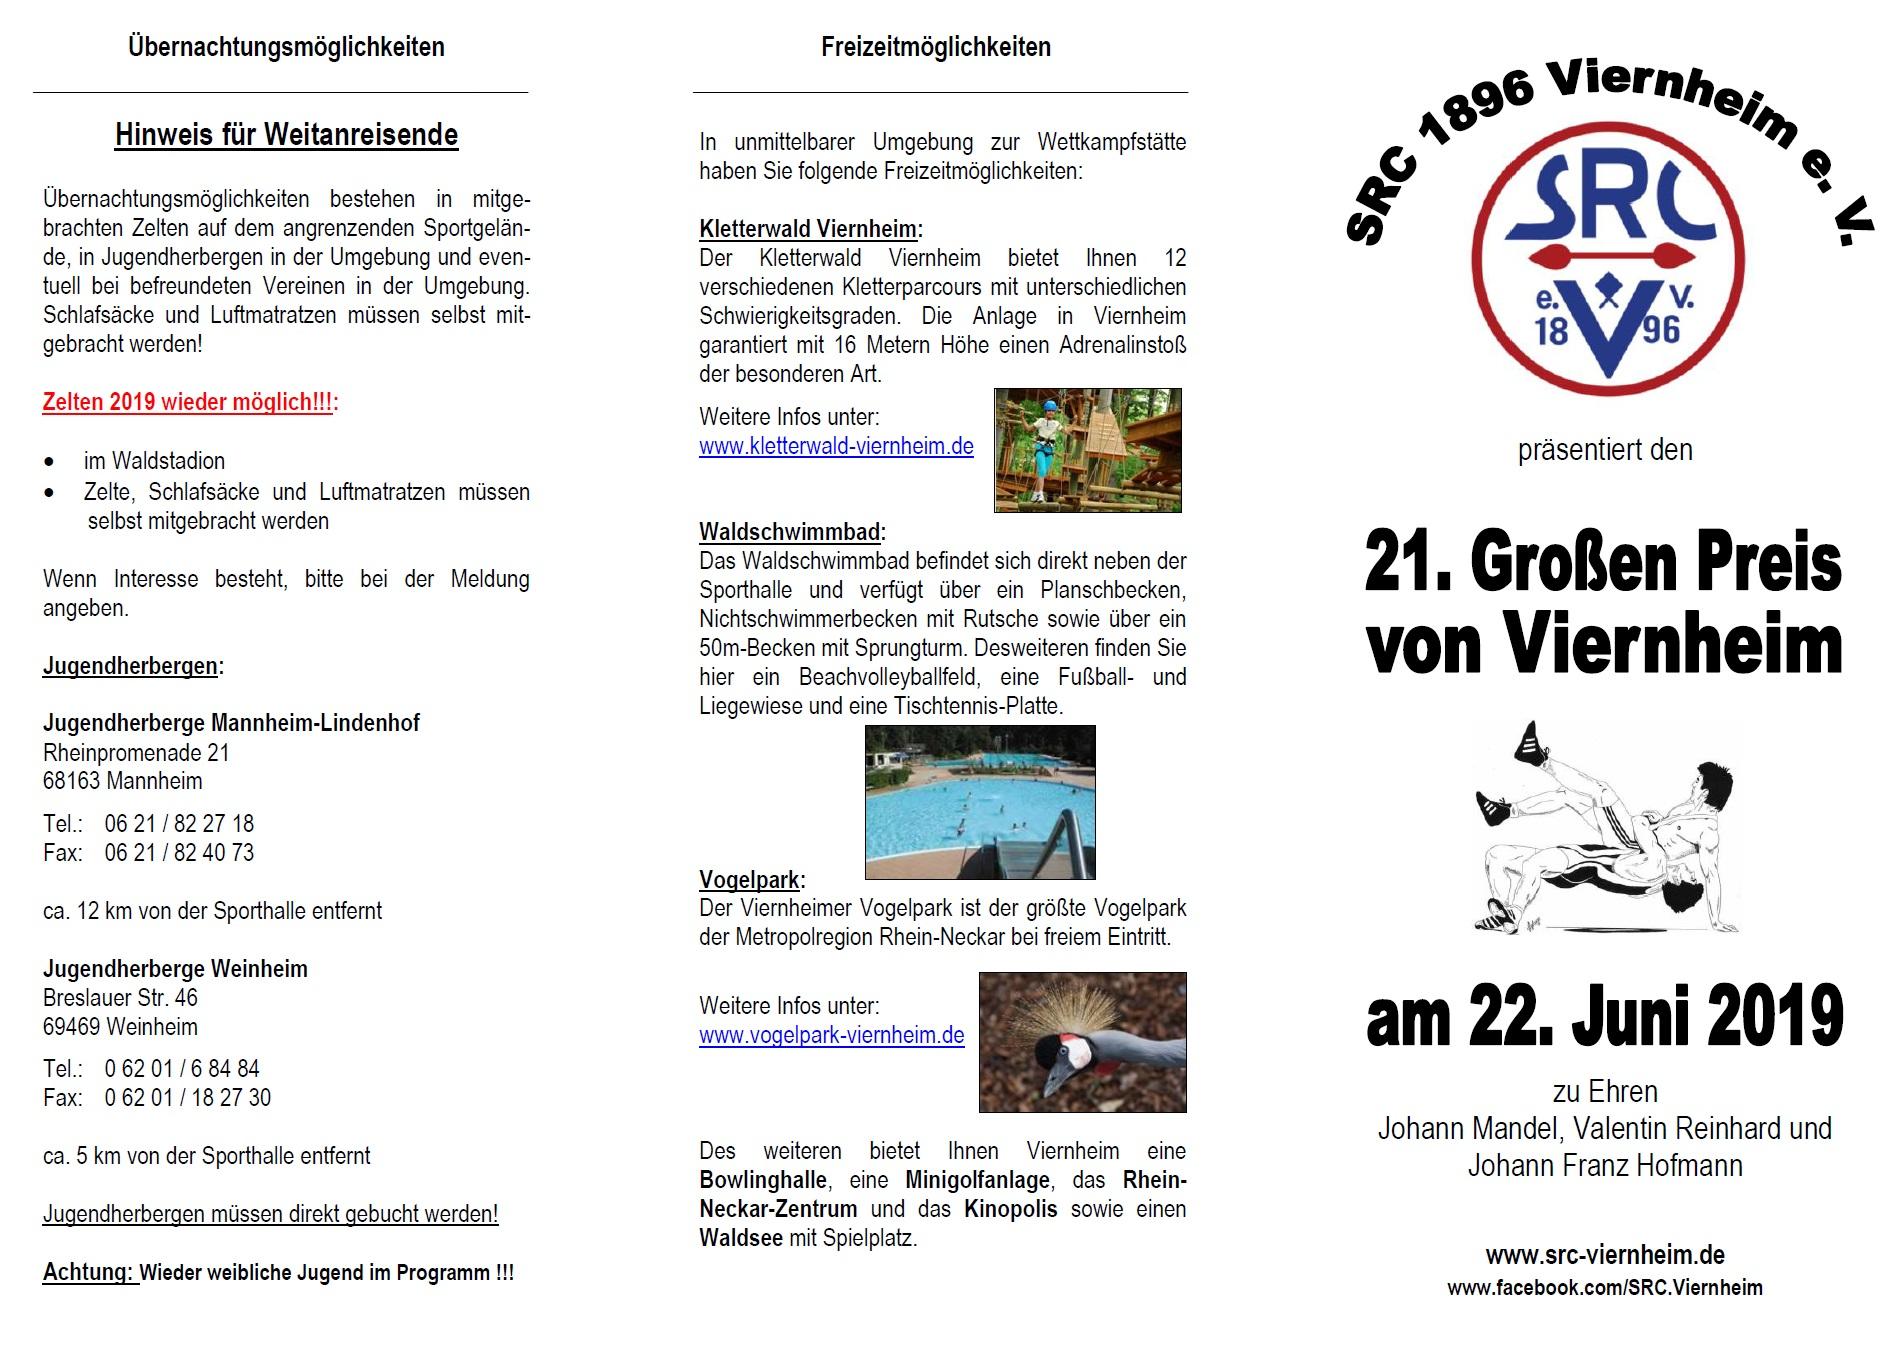 Flyer Großer Preis von Viernheim 2019 Stand 2018.11.21 Seite1